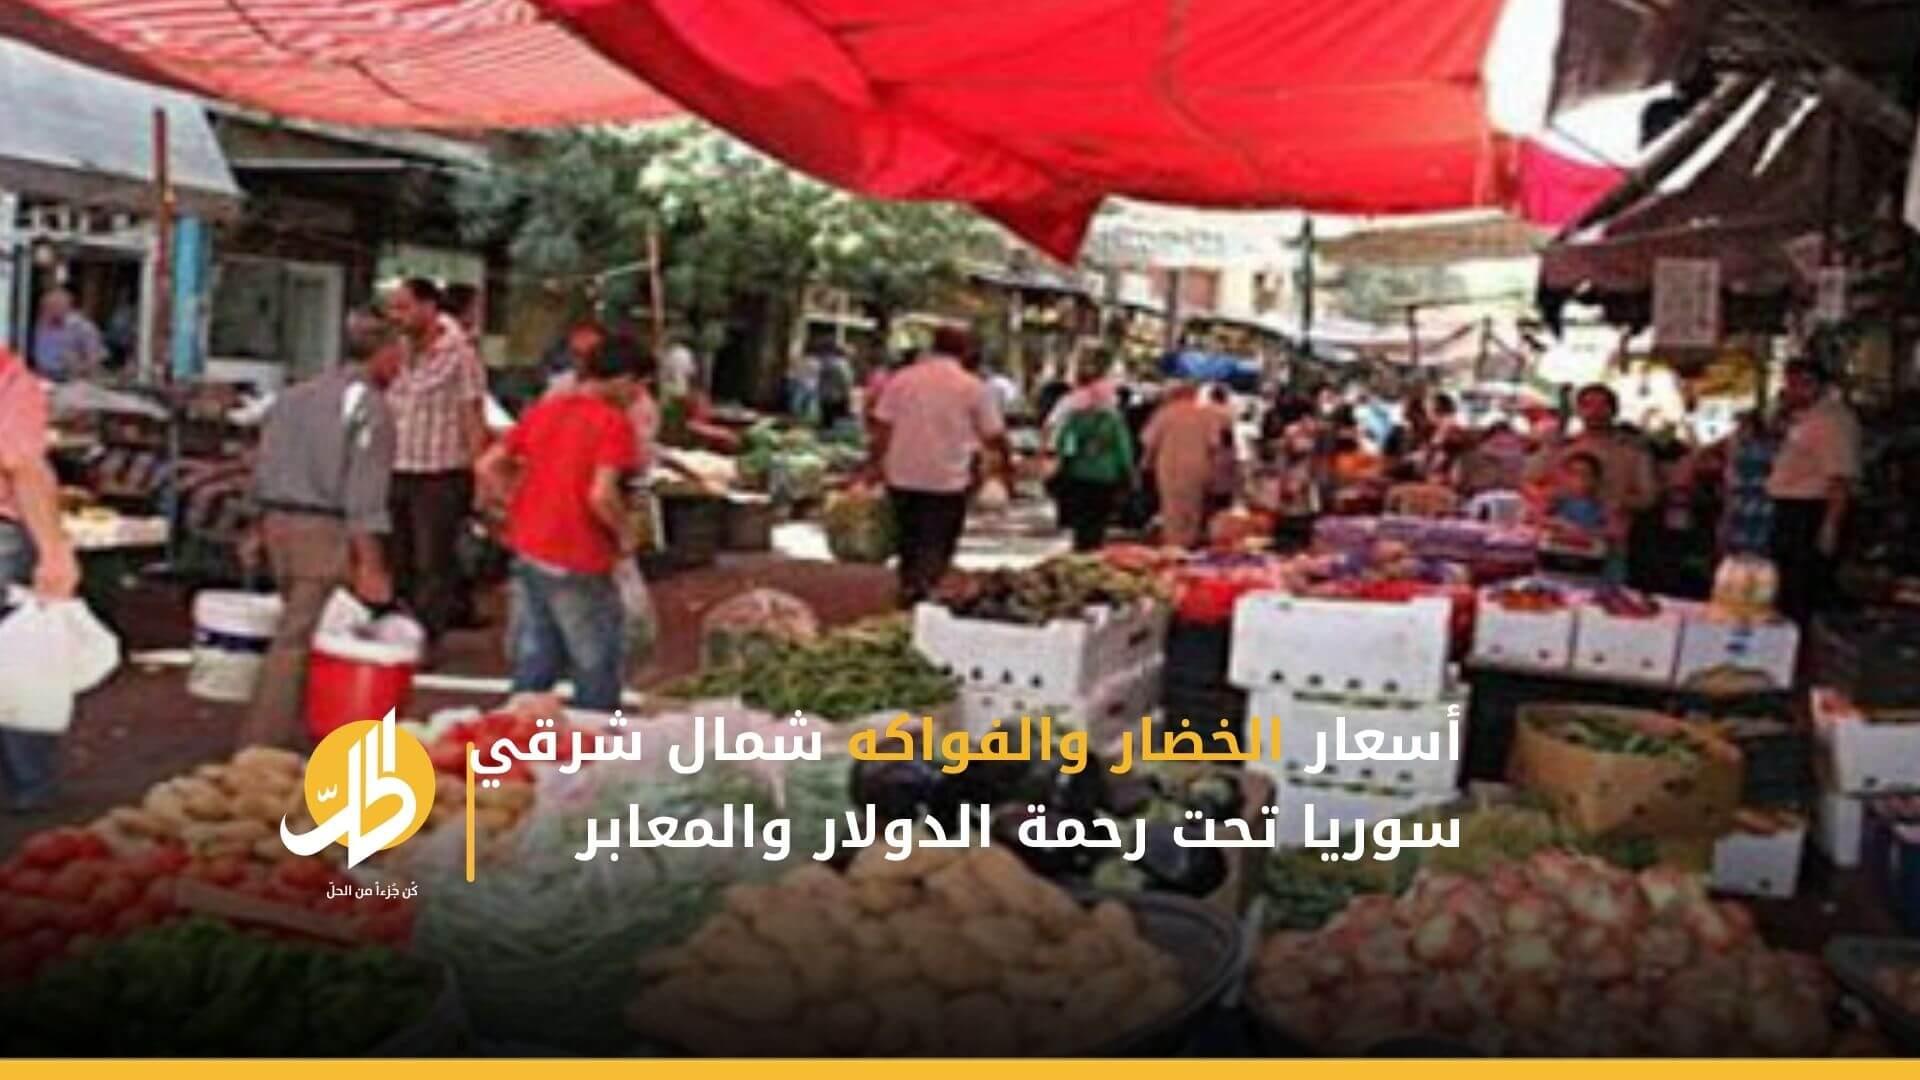 أسعار الخضار والفواكه شمال شرقي سوريا تحت رحمة الدولار والمعابر